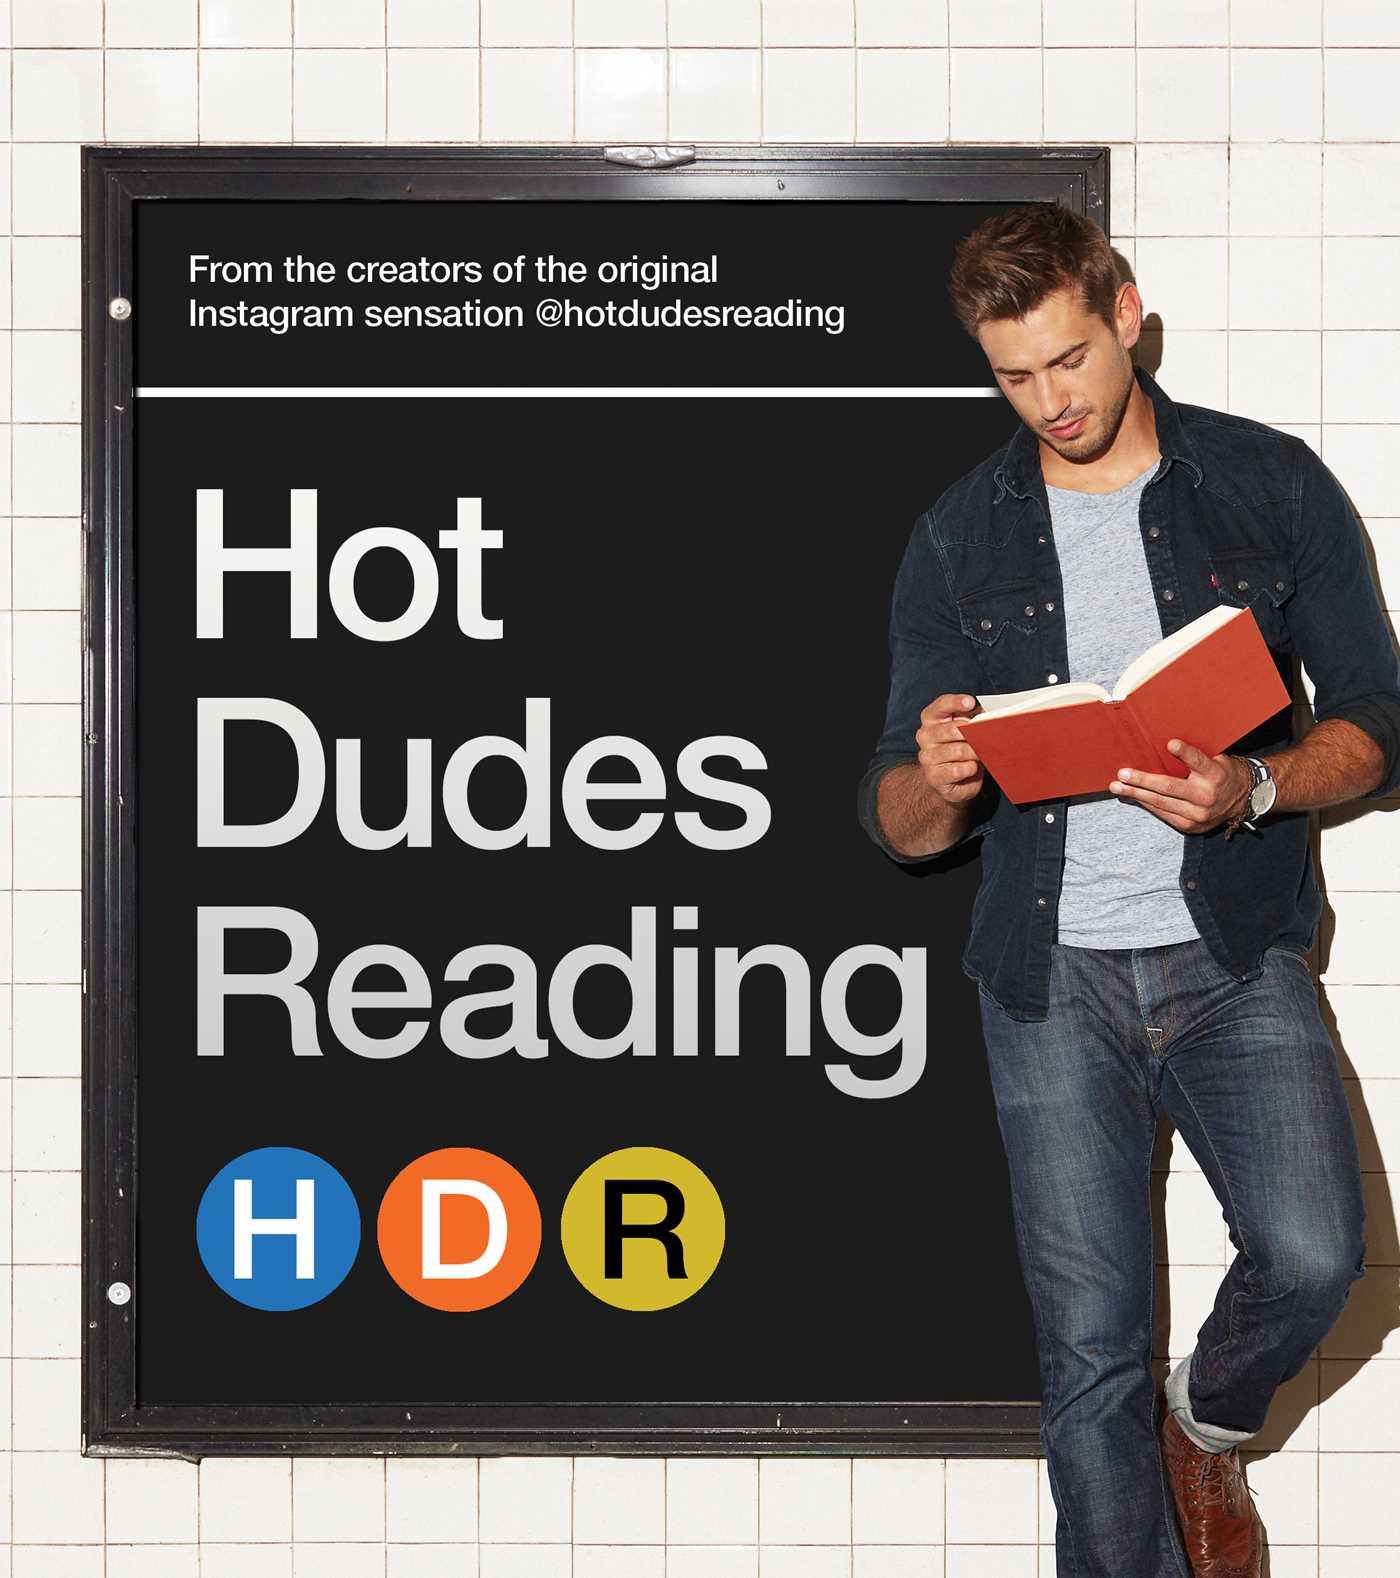 Hot women porn